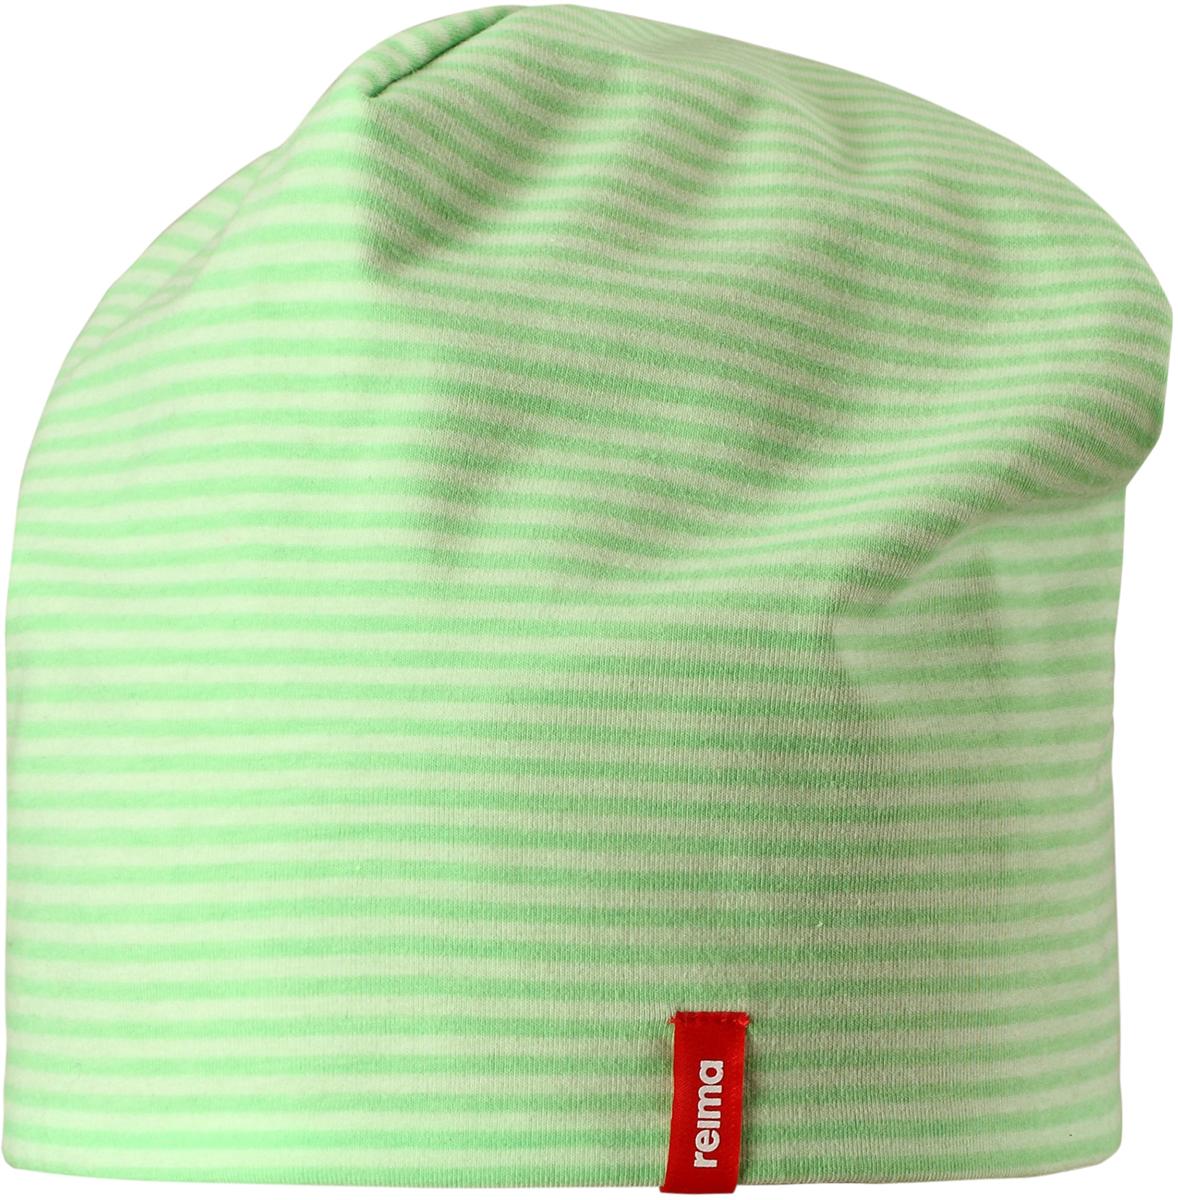 Шапка детская Reima, цвет: зеленый. 5285838462. Размер 565285838462Легкая двусторонняя шапка от Reima изготовлена из хлопка с добавлением полиэстера и эластана. Озорная двухсторонняя шапка меняет цвет в одно мгновение!